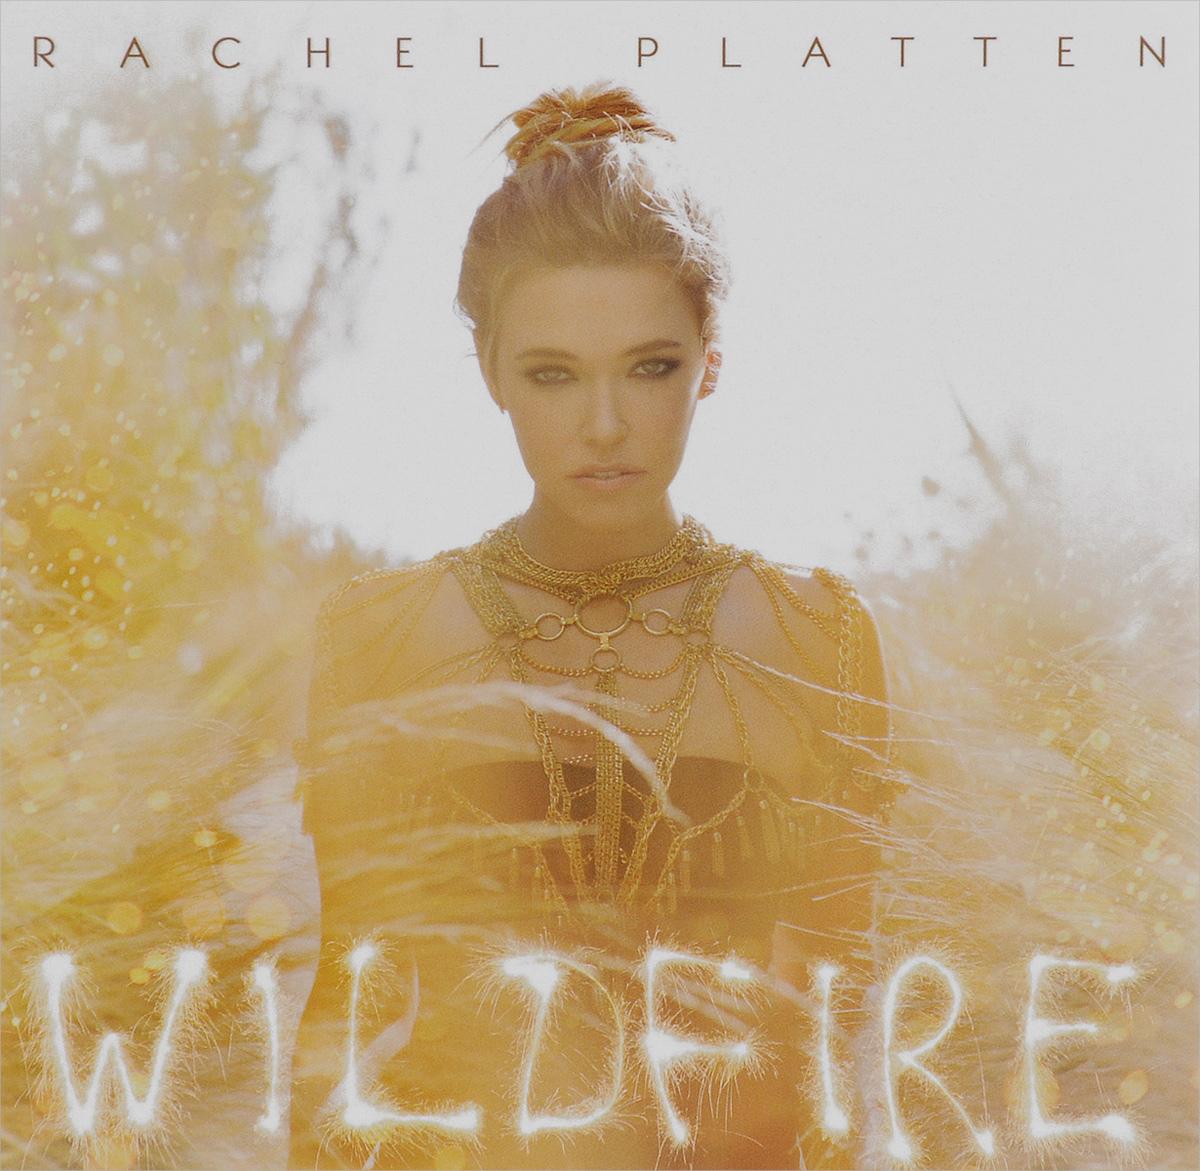 лучшая цена Rachel Platten Rachel Platten. Wildfire. Deluxe Version